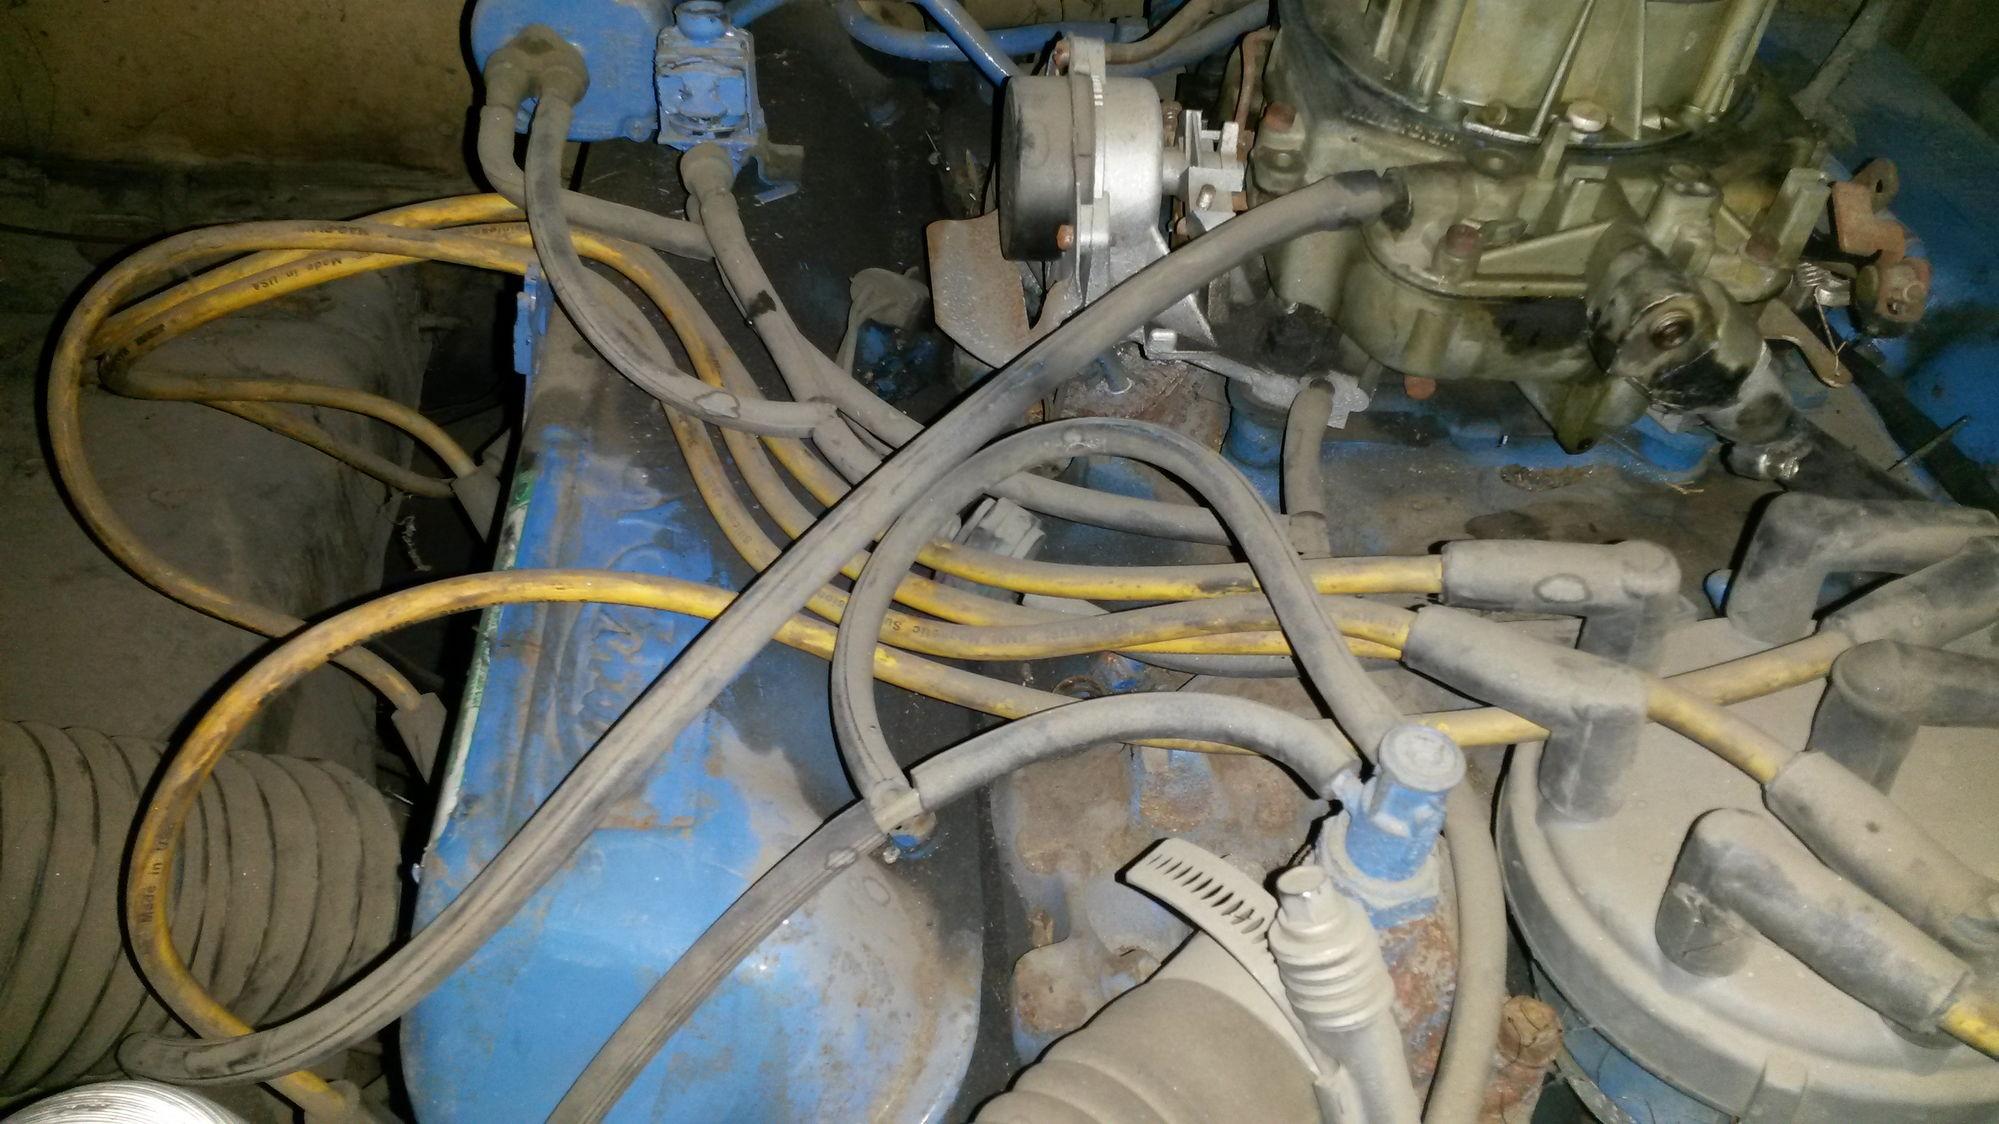 77 F350 460 California Vacuum Line Diagram